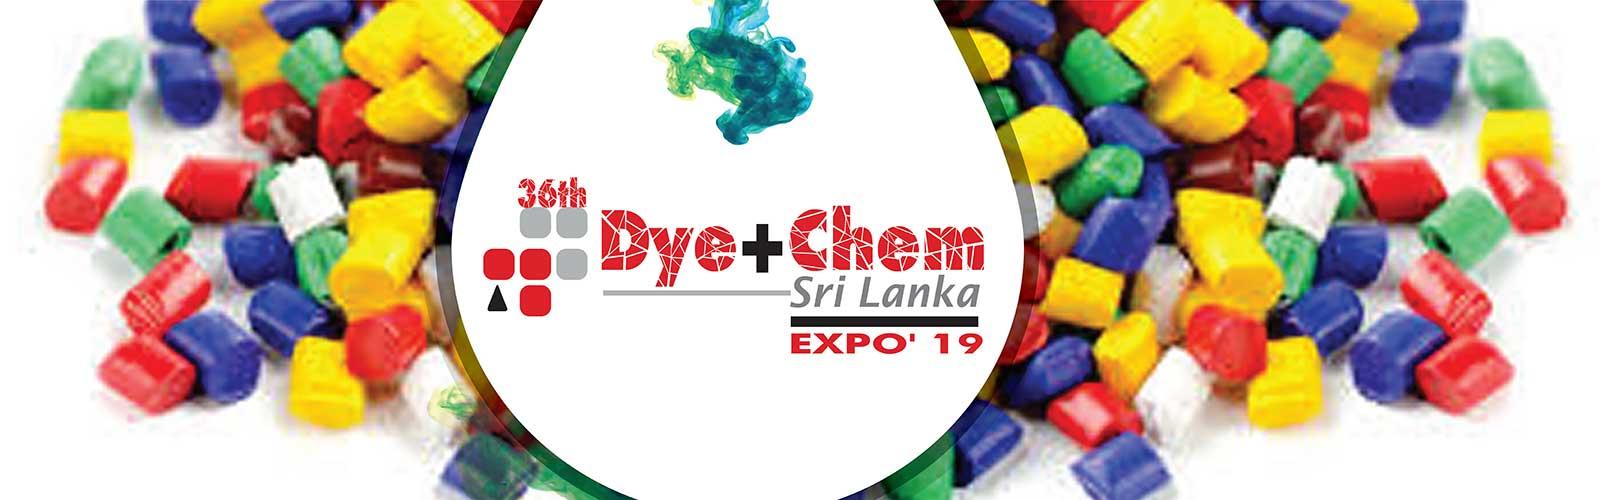 36th  Dye+Chem Sri Lanka 2019 International Expo